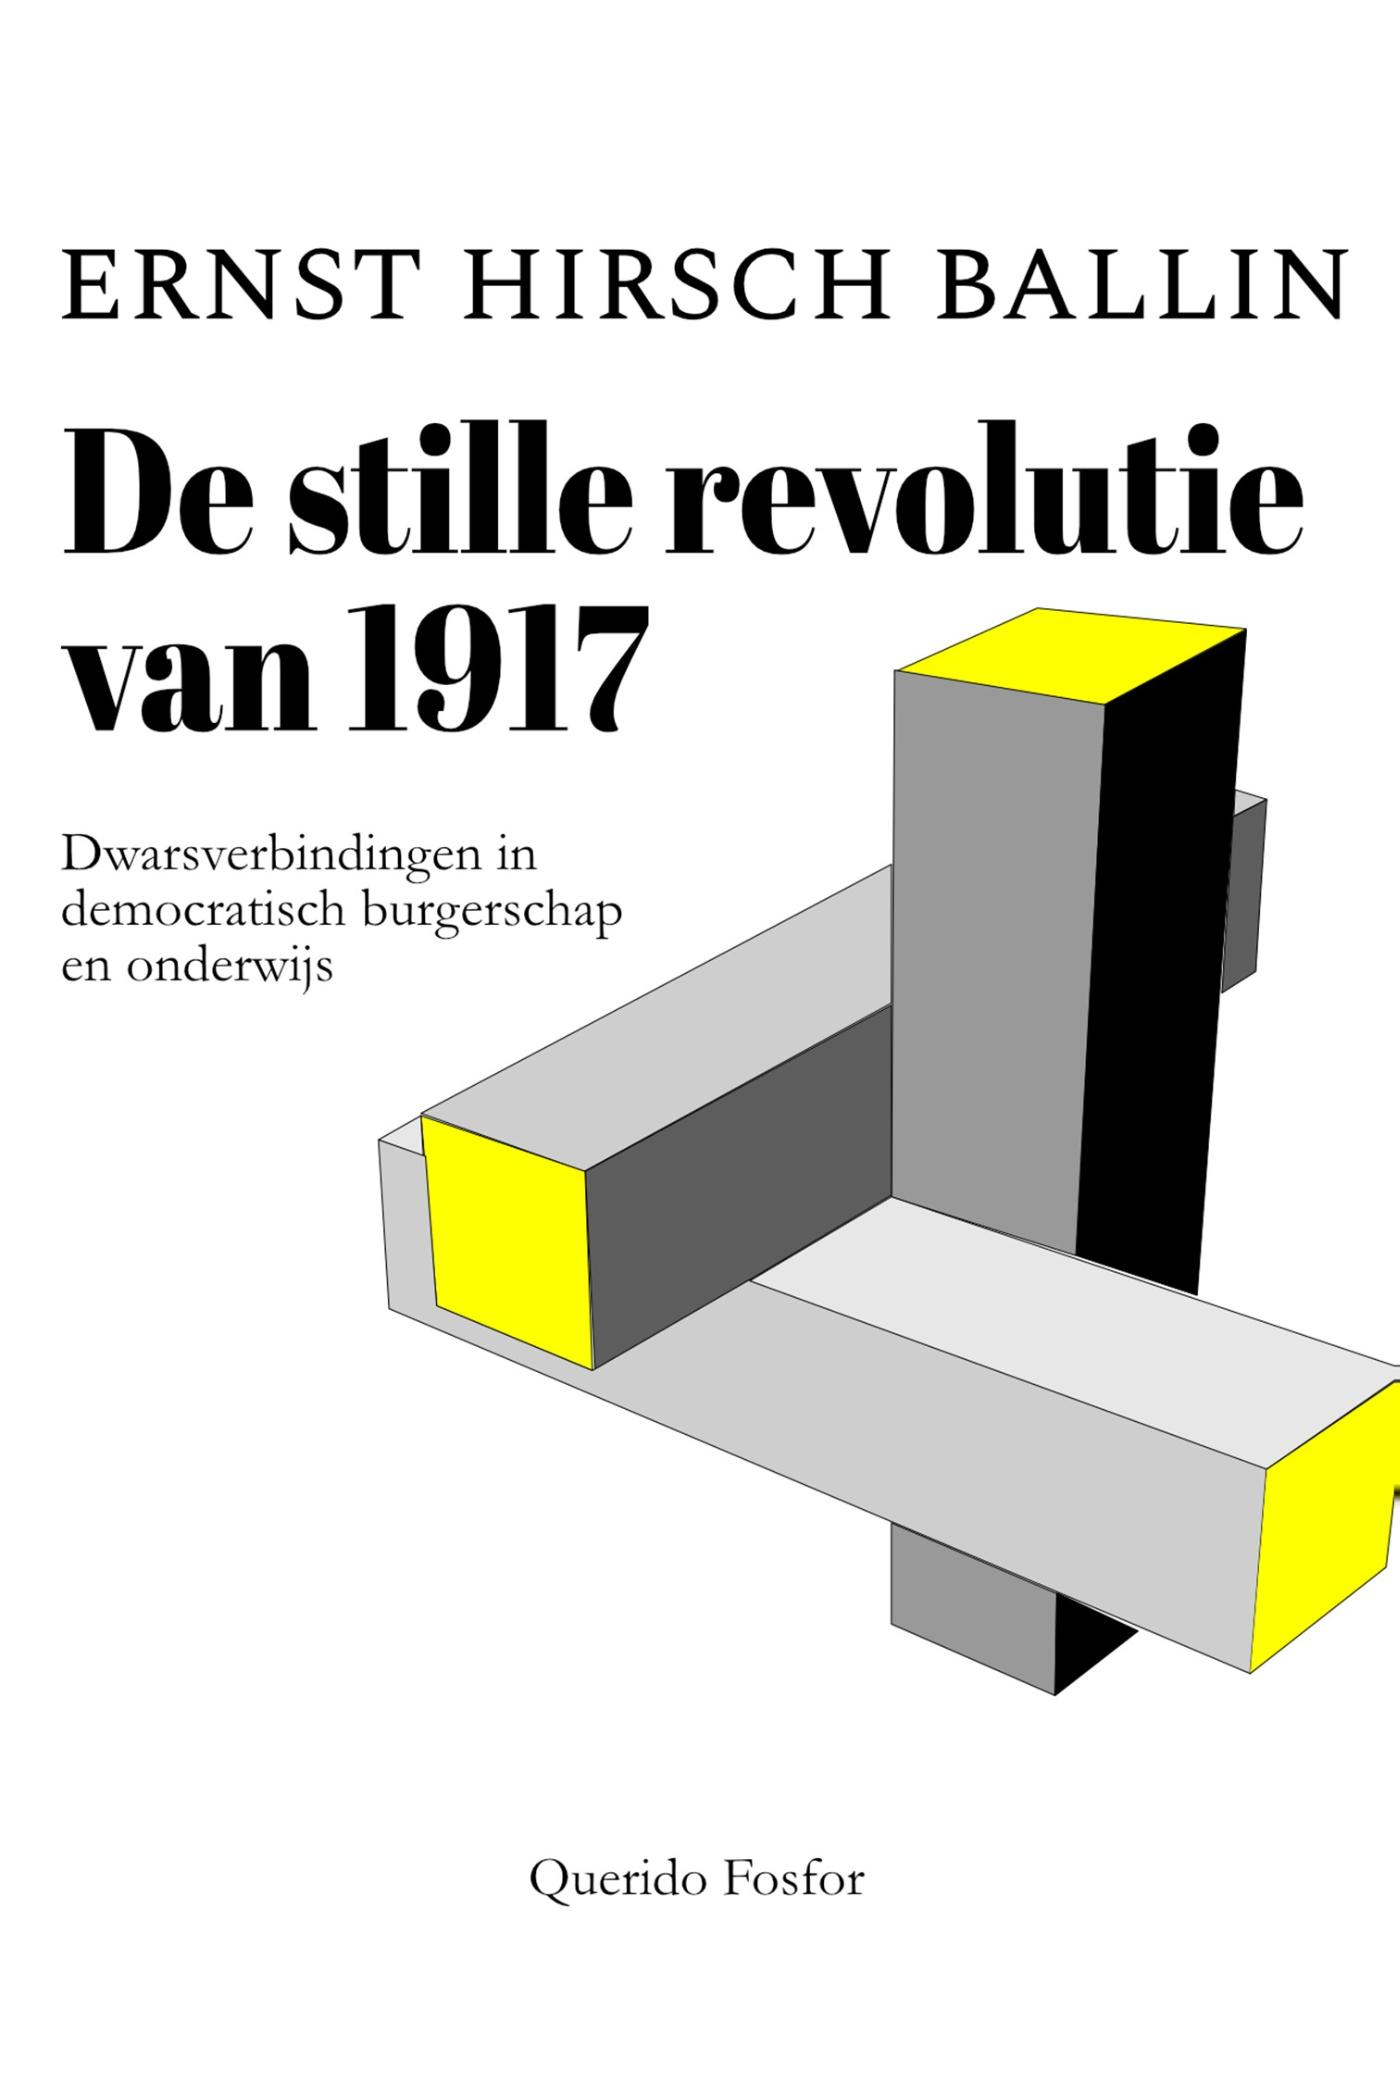 De stille revolutie van 1917